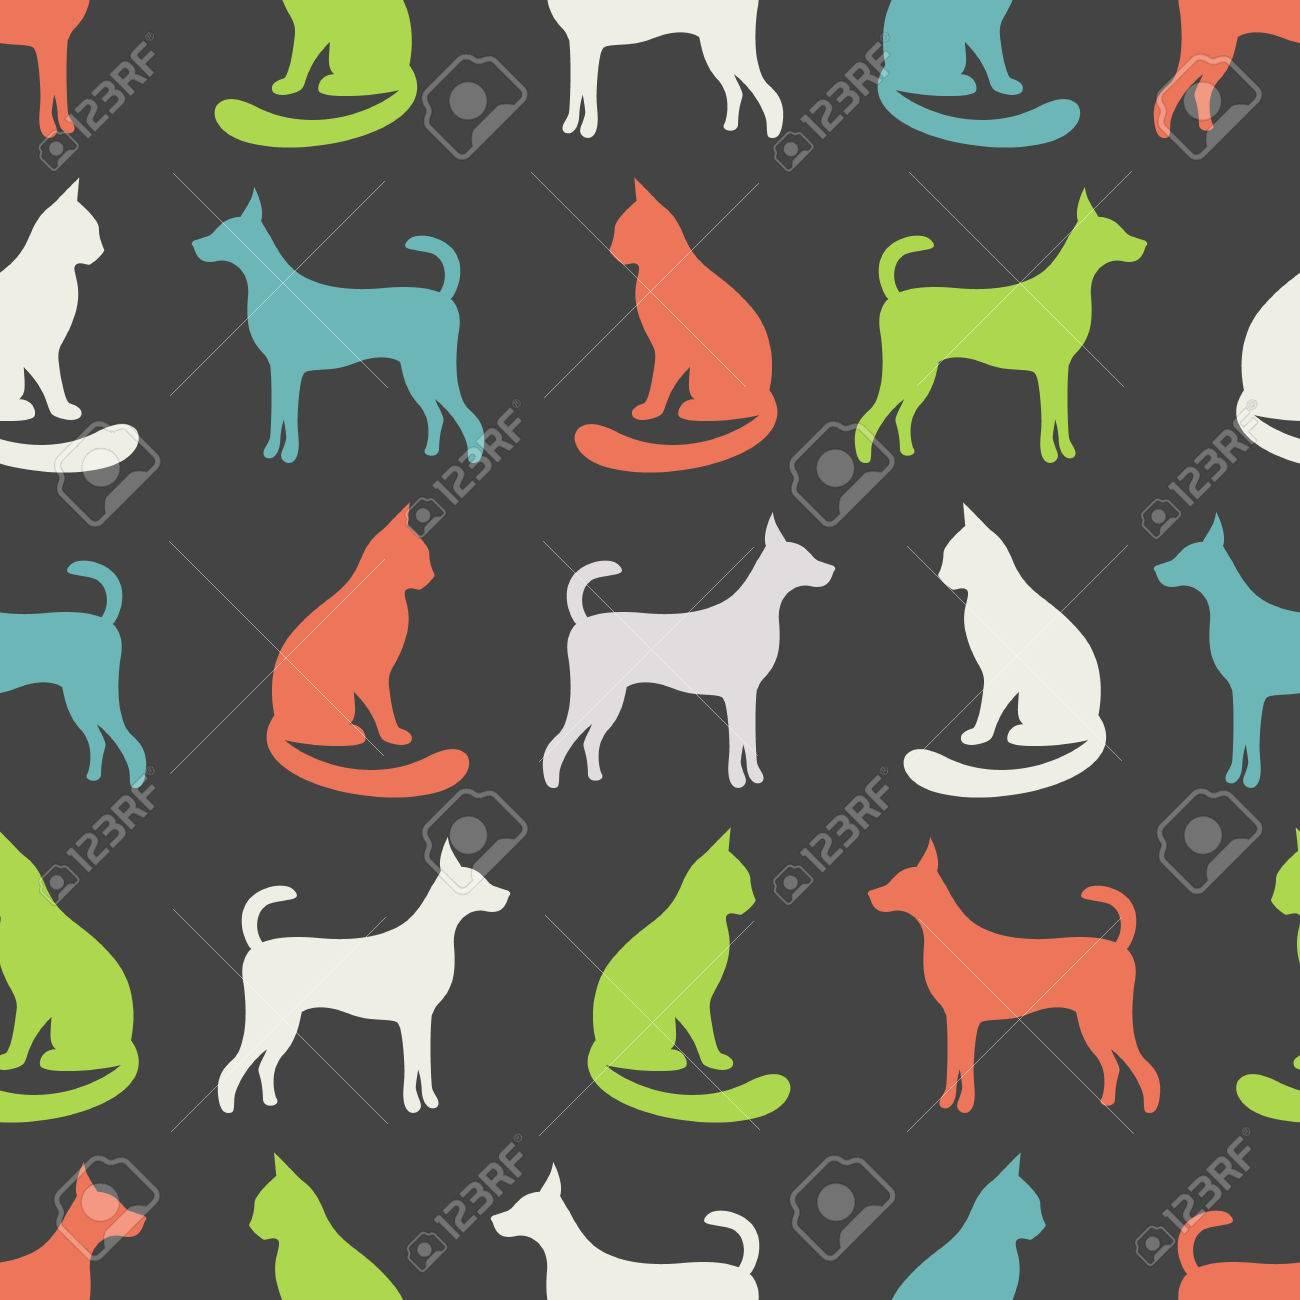 Modelo Animal Inconsútil Del Vector Del Gato Y Del Perro Siluetas ...